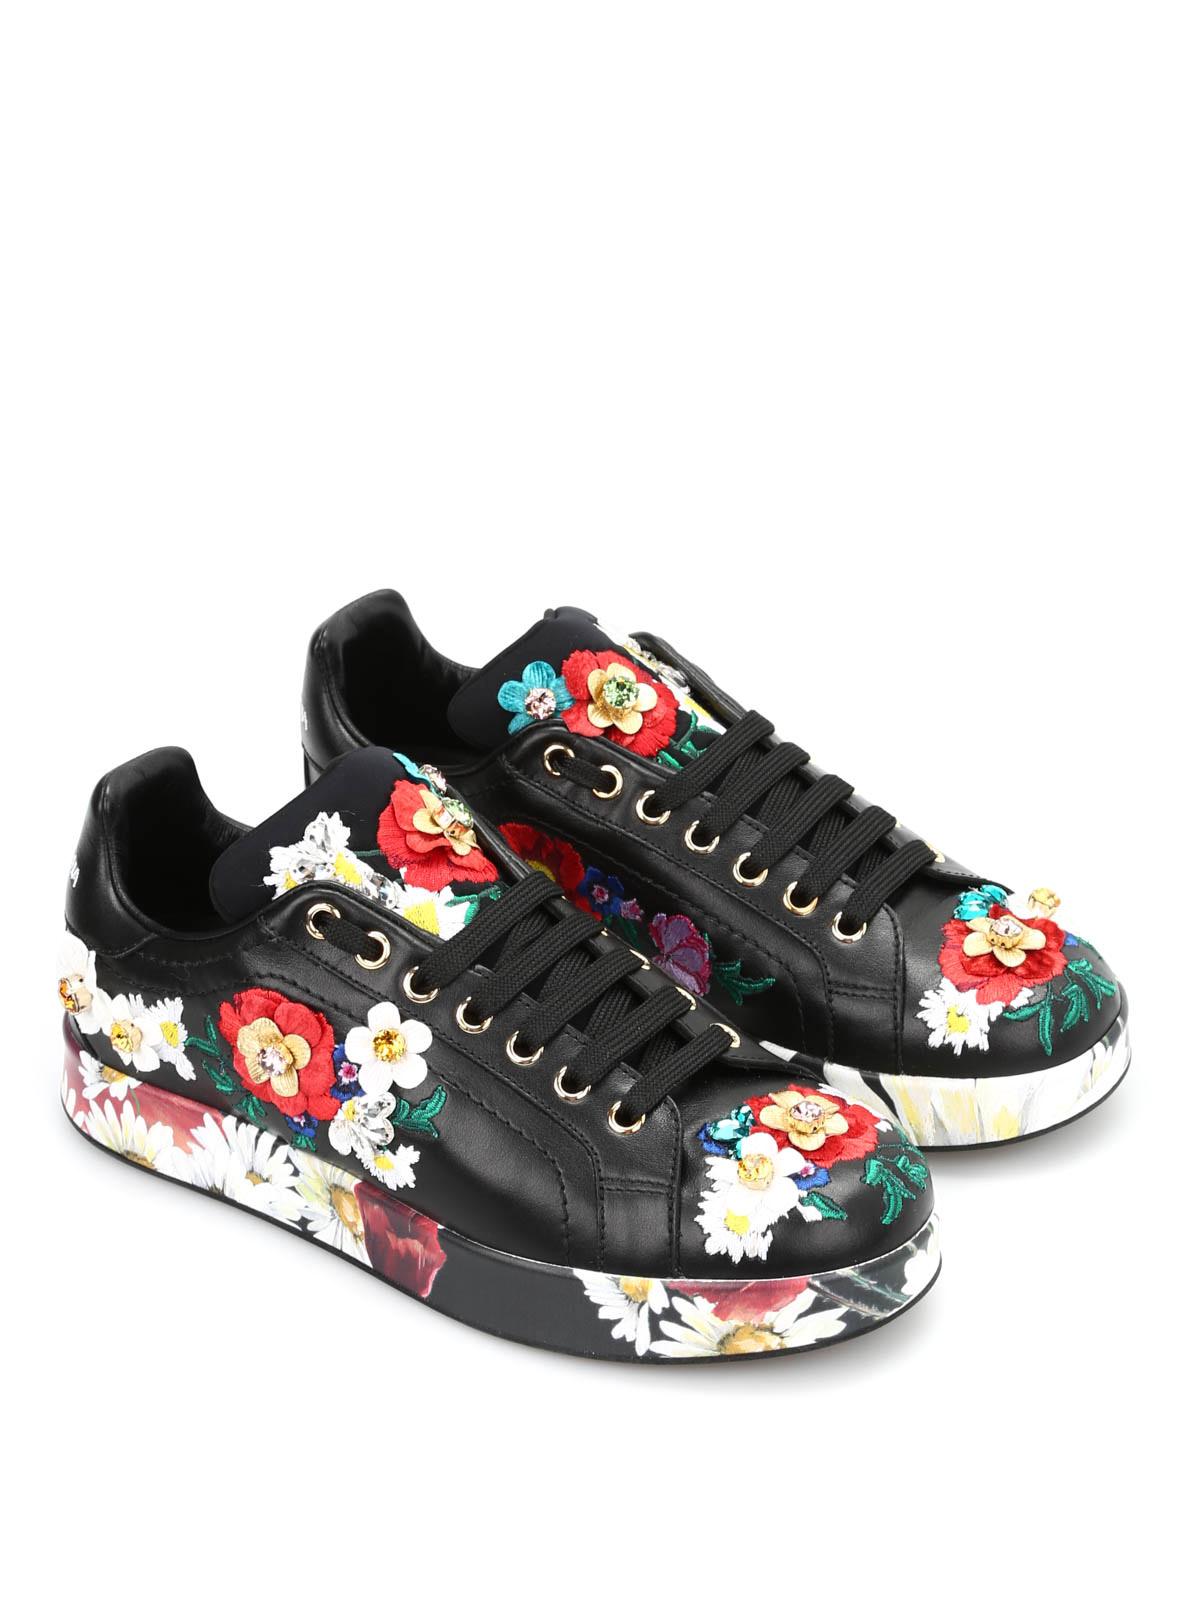 sneaker fantasia floreale dolce gabbana sneakers ikrix. Black Bedroom Furniture Sets. Home Design Ideas